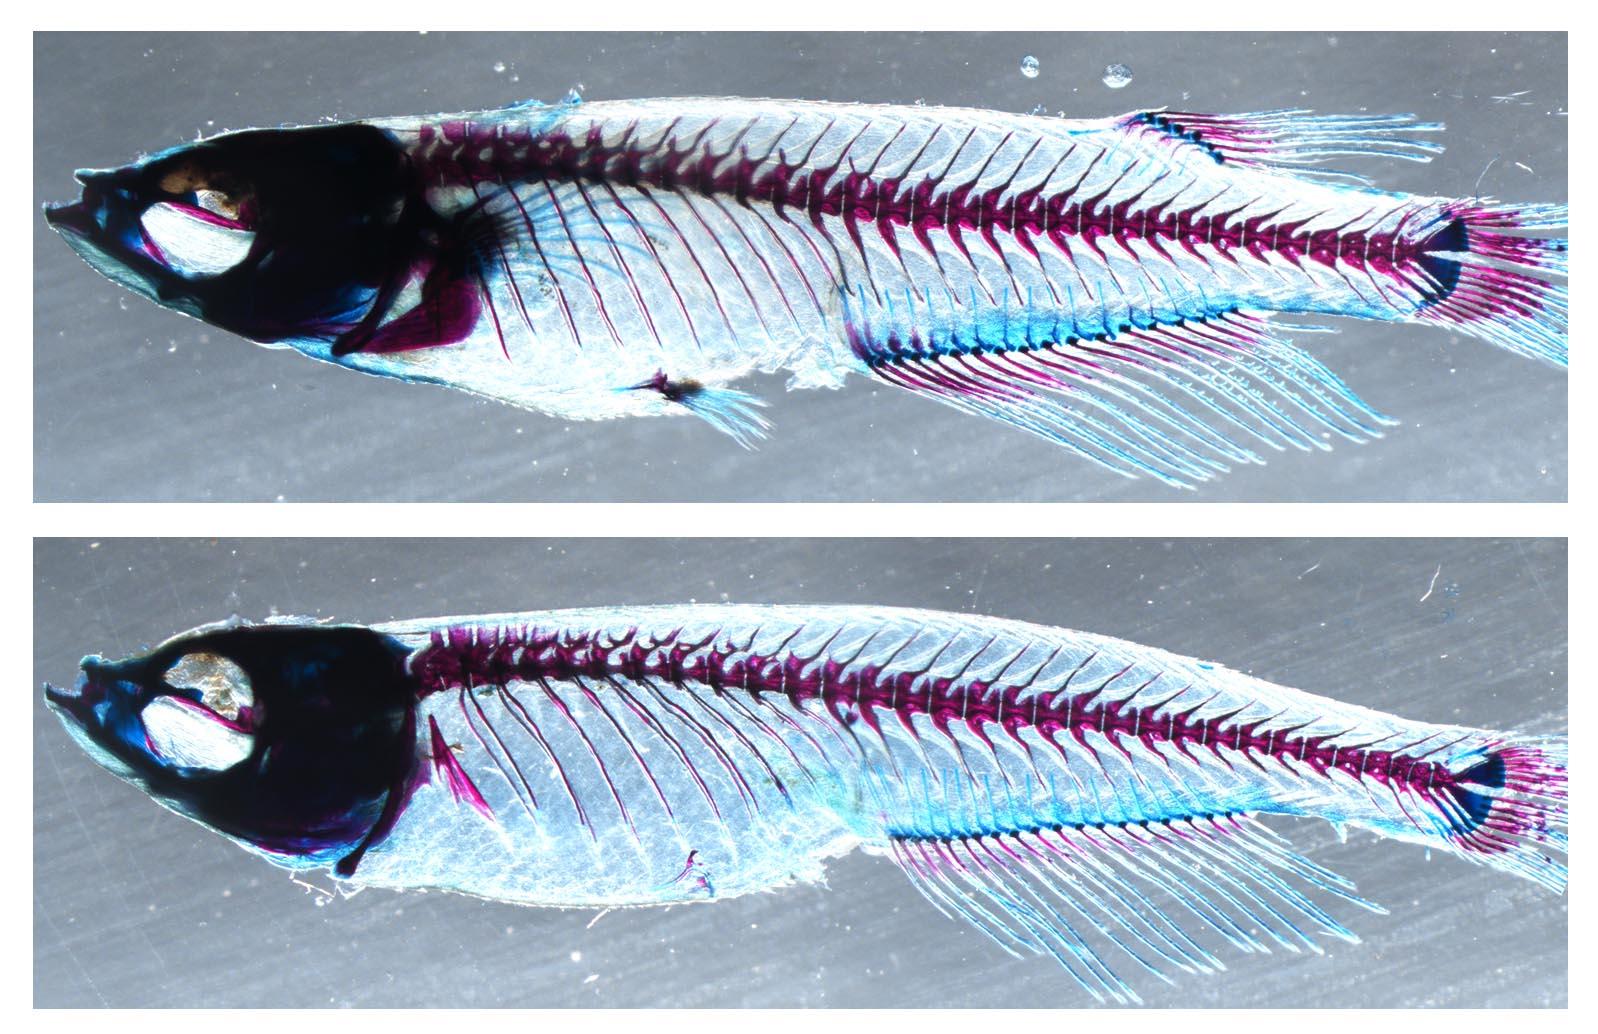 Arriba, un ejemplar silvestre con aleta dorsal y aleta pectoral y, abajo, un ejemplar mutante sin ellas. / CSIC